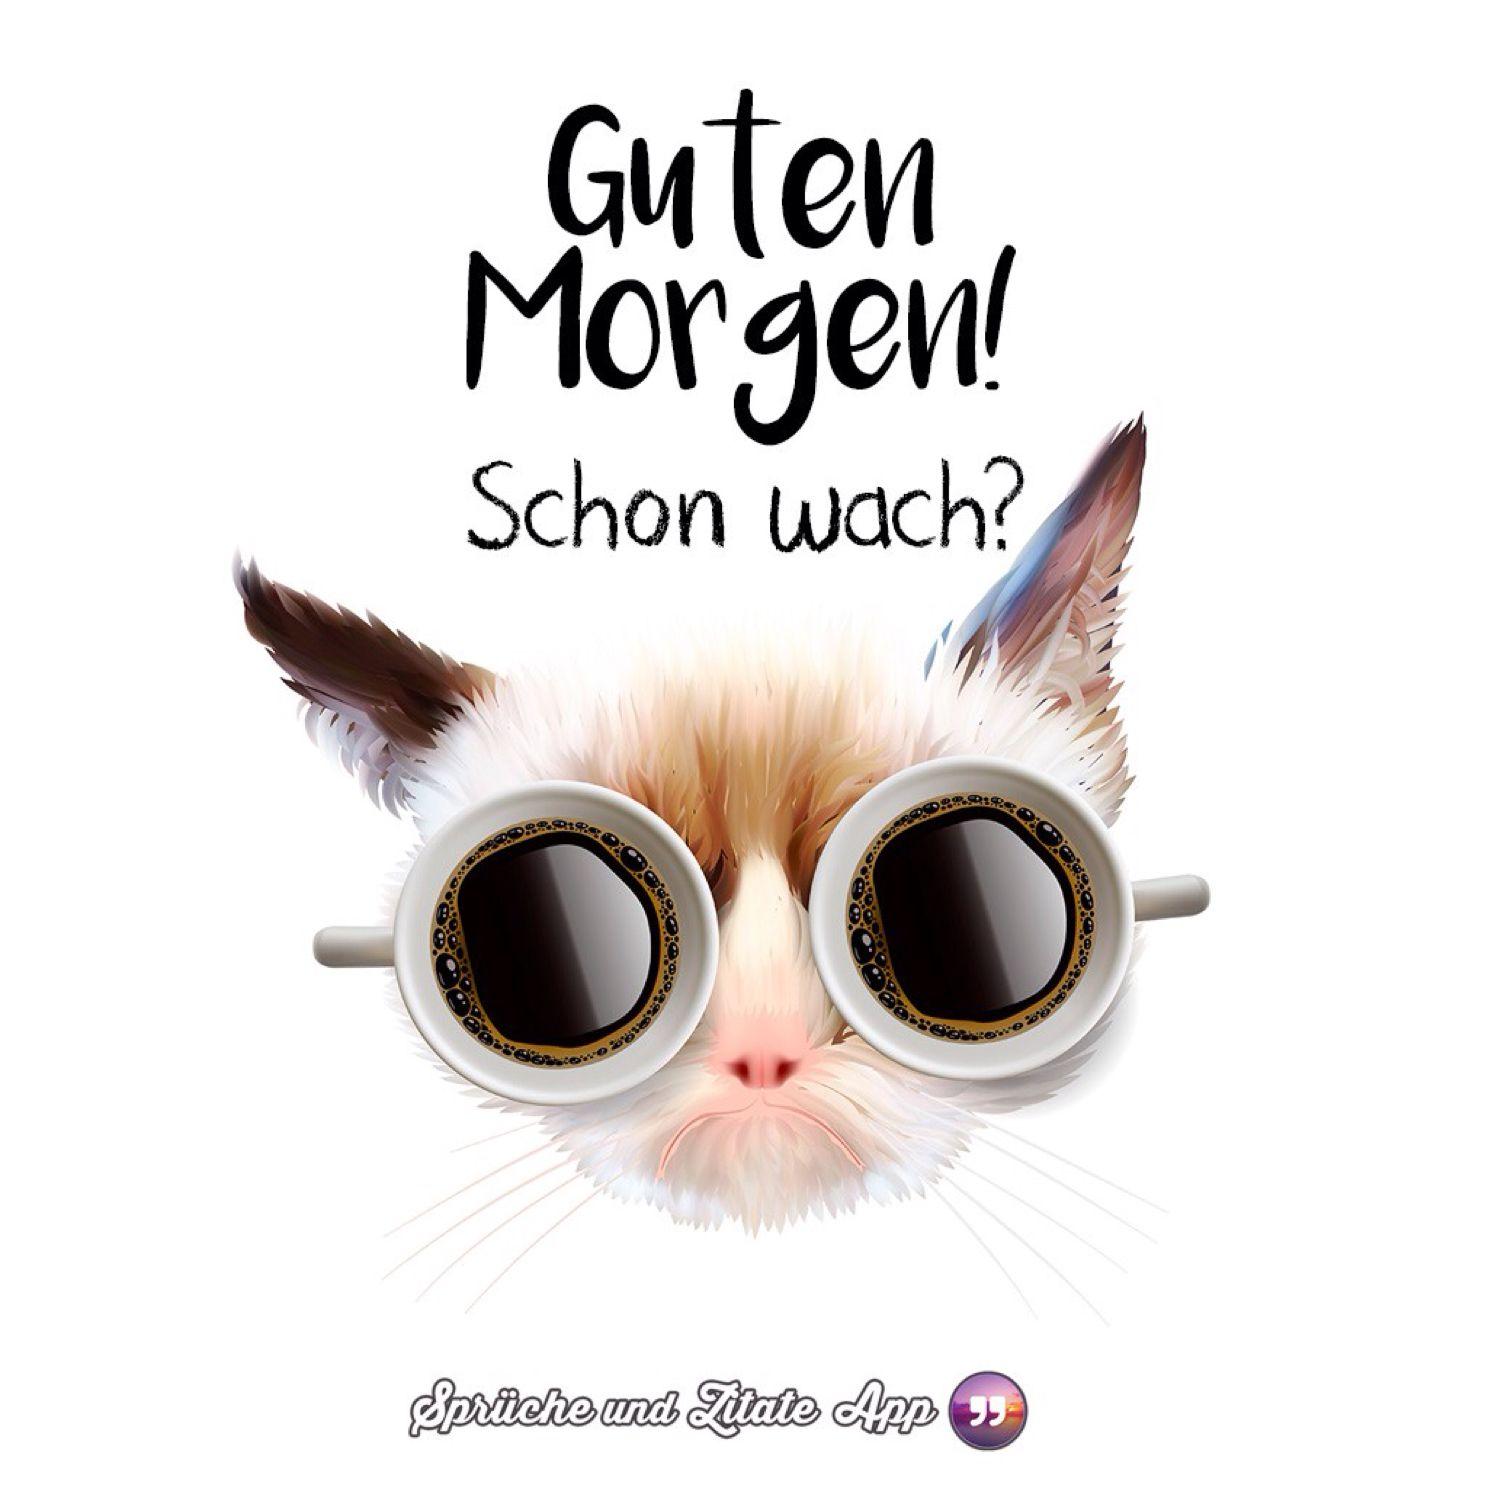 Guten morgen berlin - Guten morgen berlin